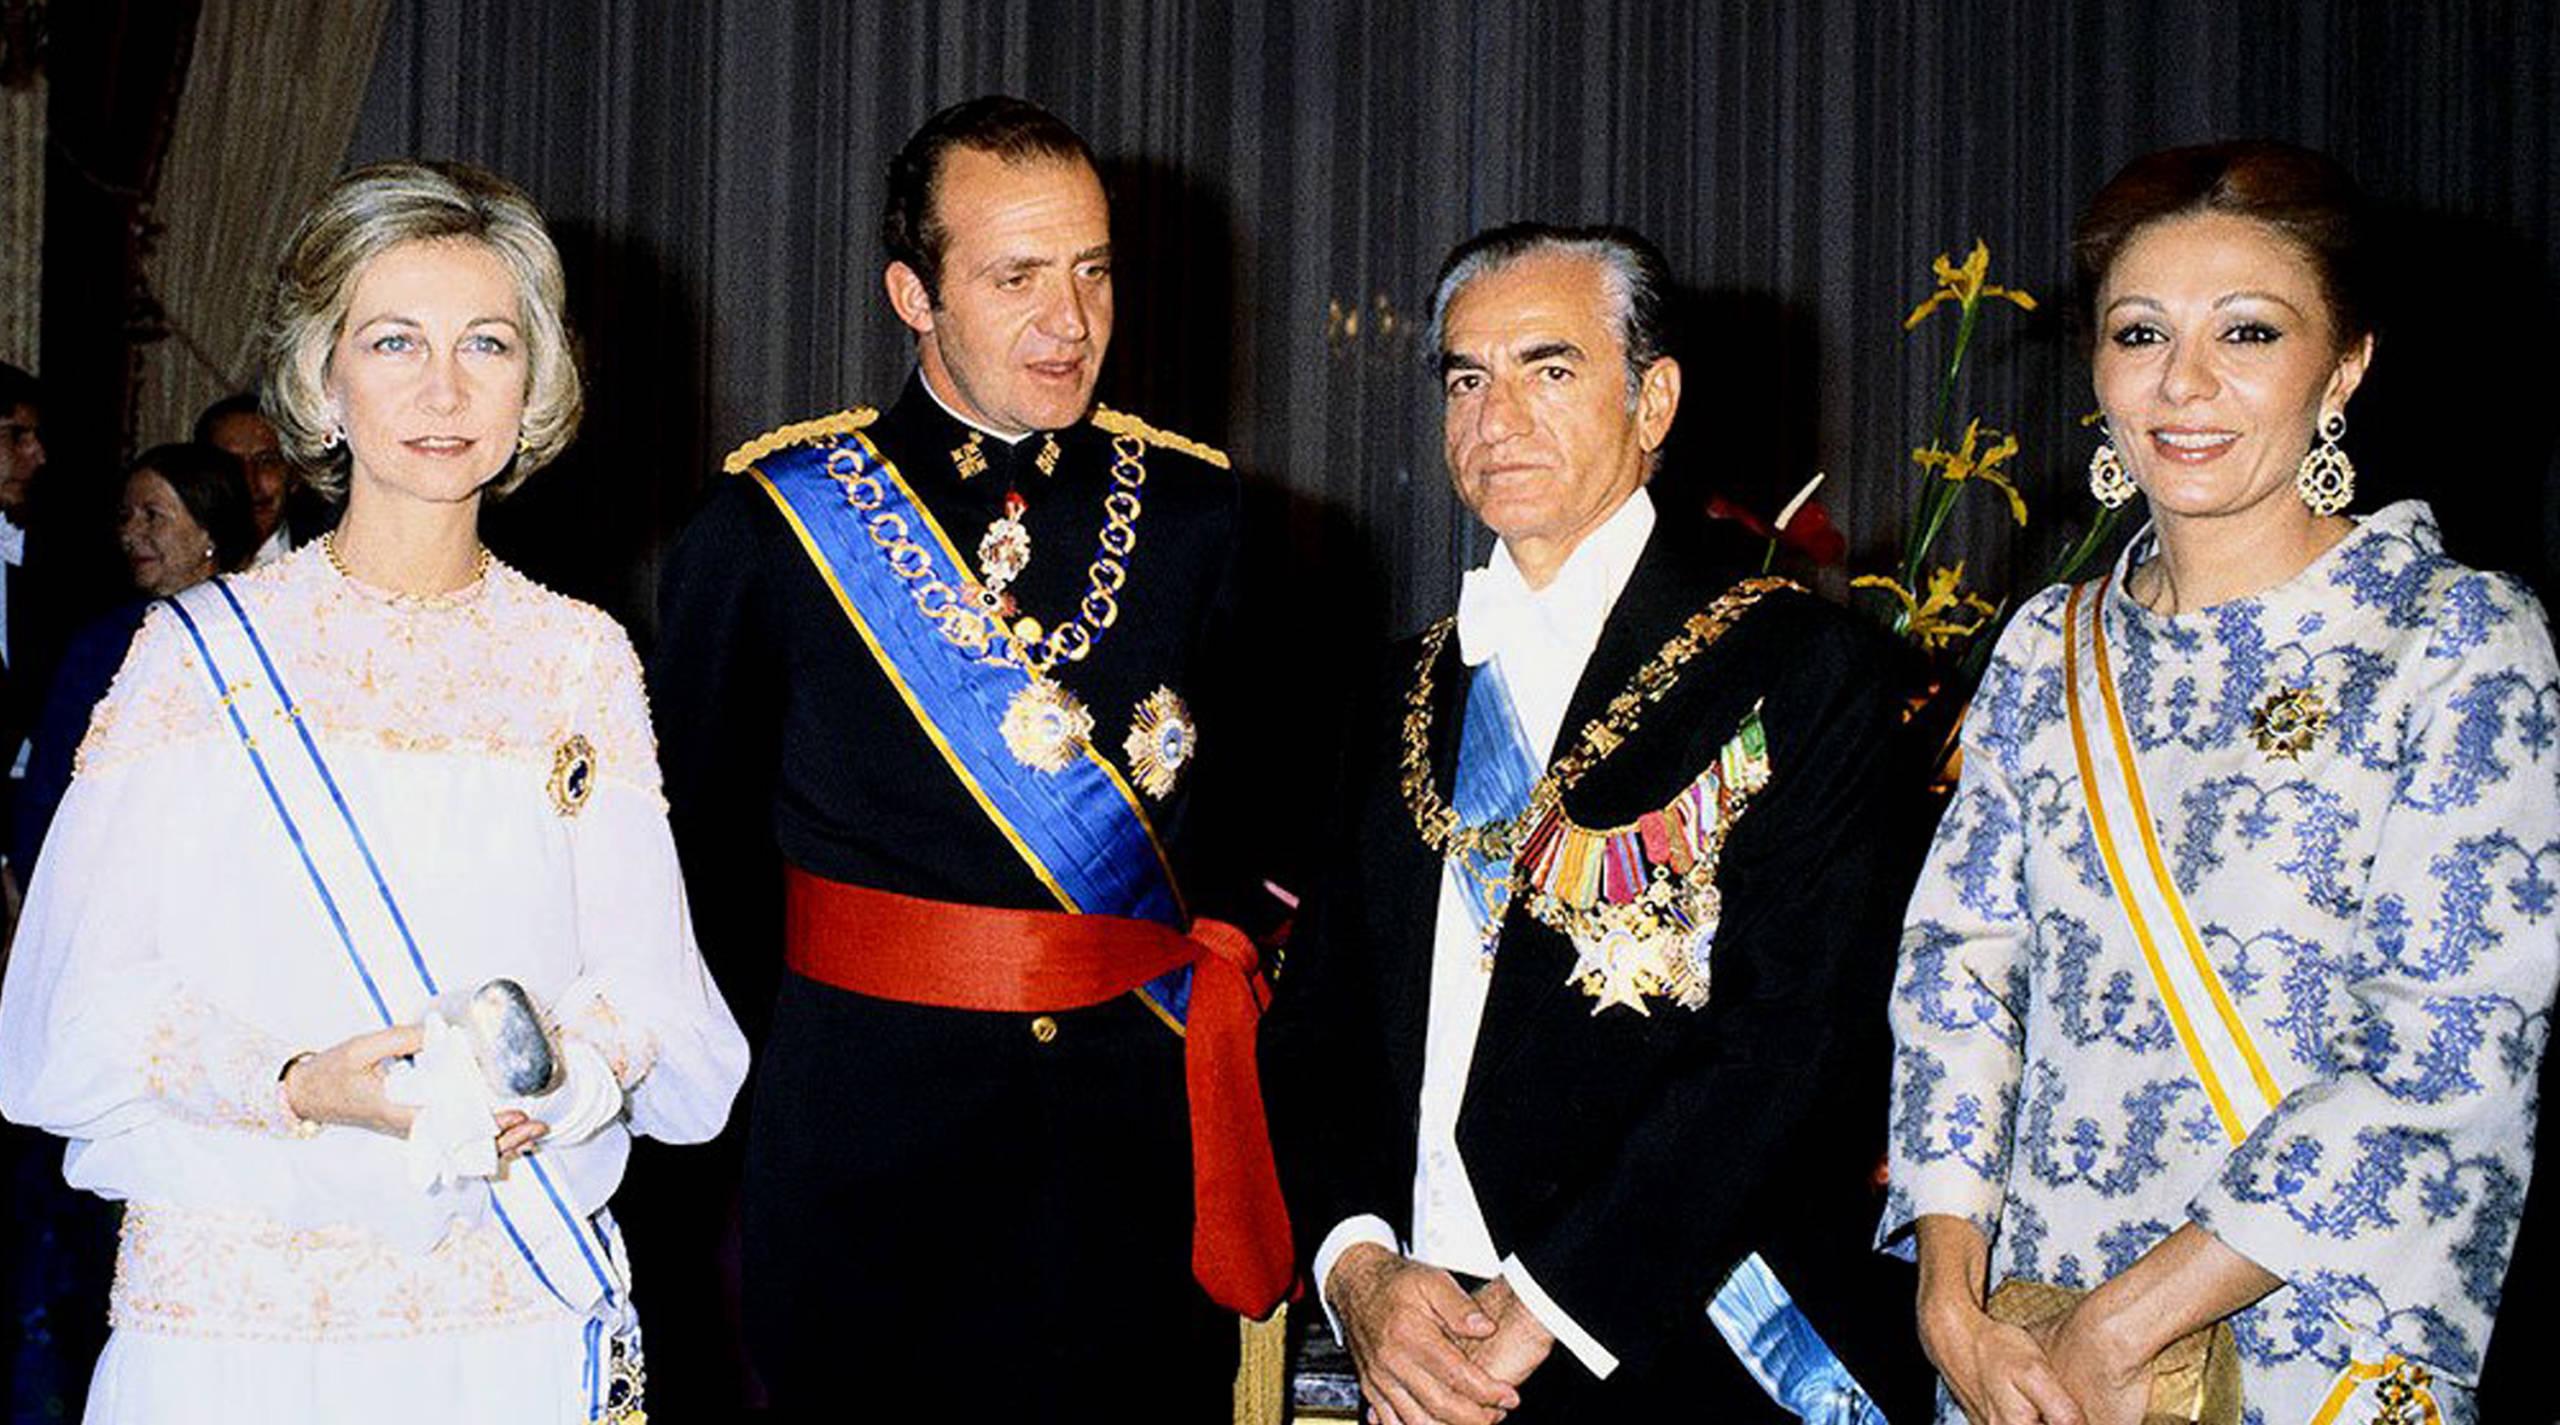 El Rey emérito envió una carta al entonces sha de Persia, Reza Pahlevi en la que le pedía diez millones de dólares para salvar a España de las hordas marxistas, y ya de paso colocar a su elegido, Adolfo Suarez, en el Palacio de la Moncloa.